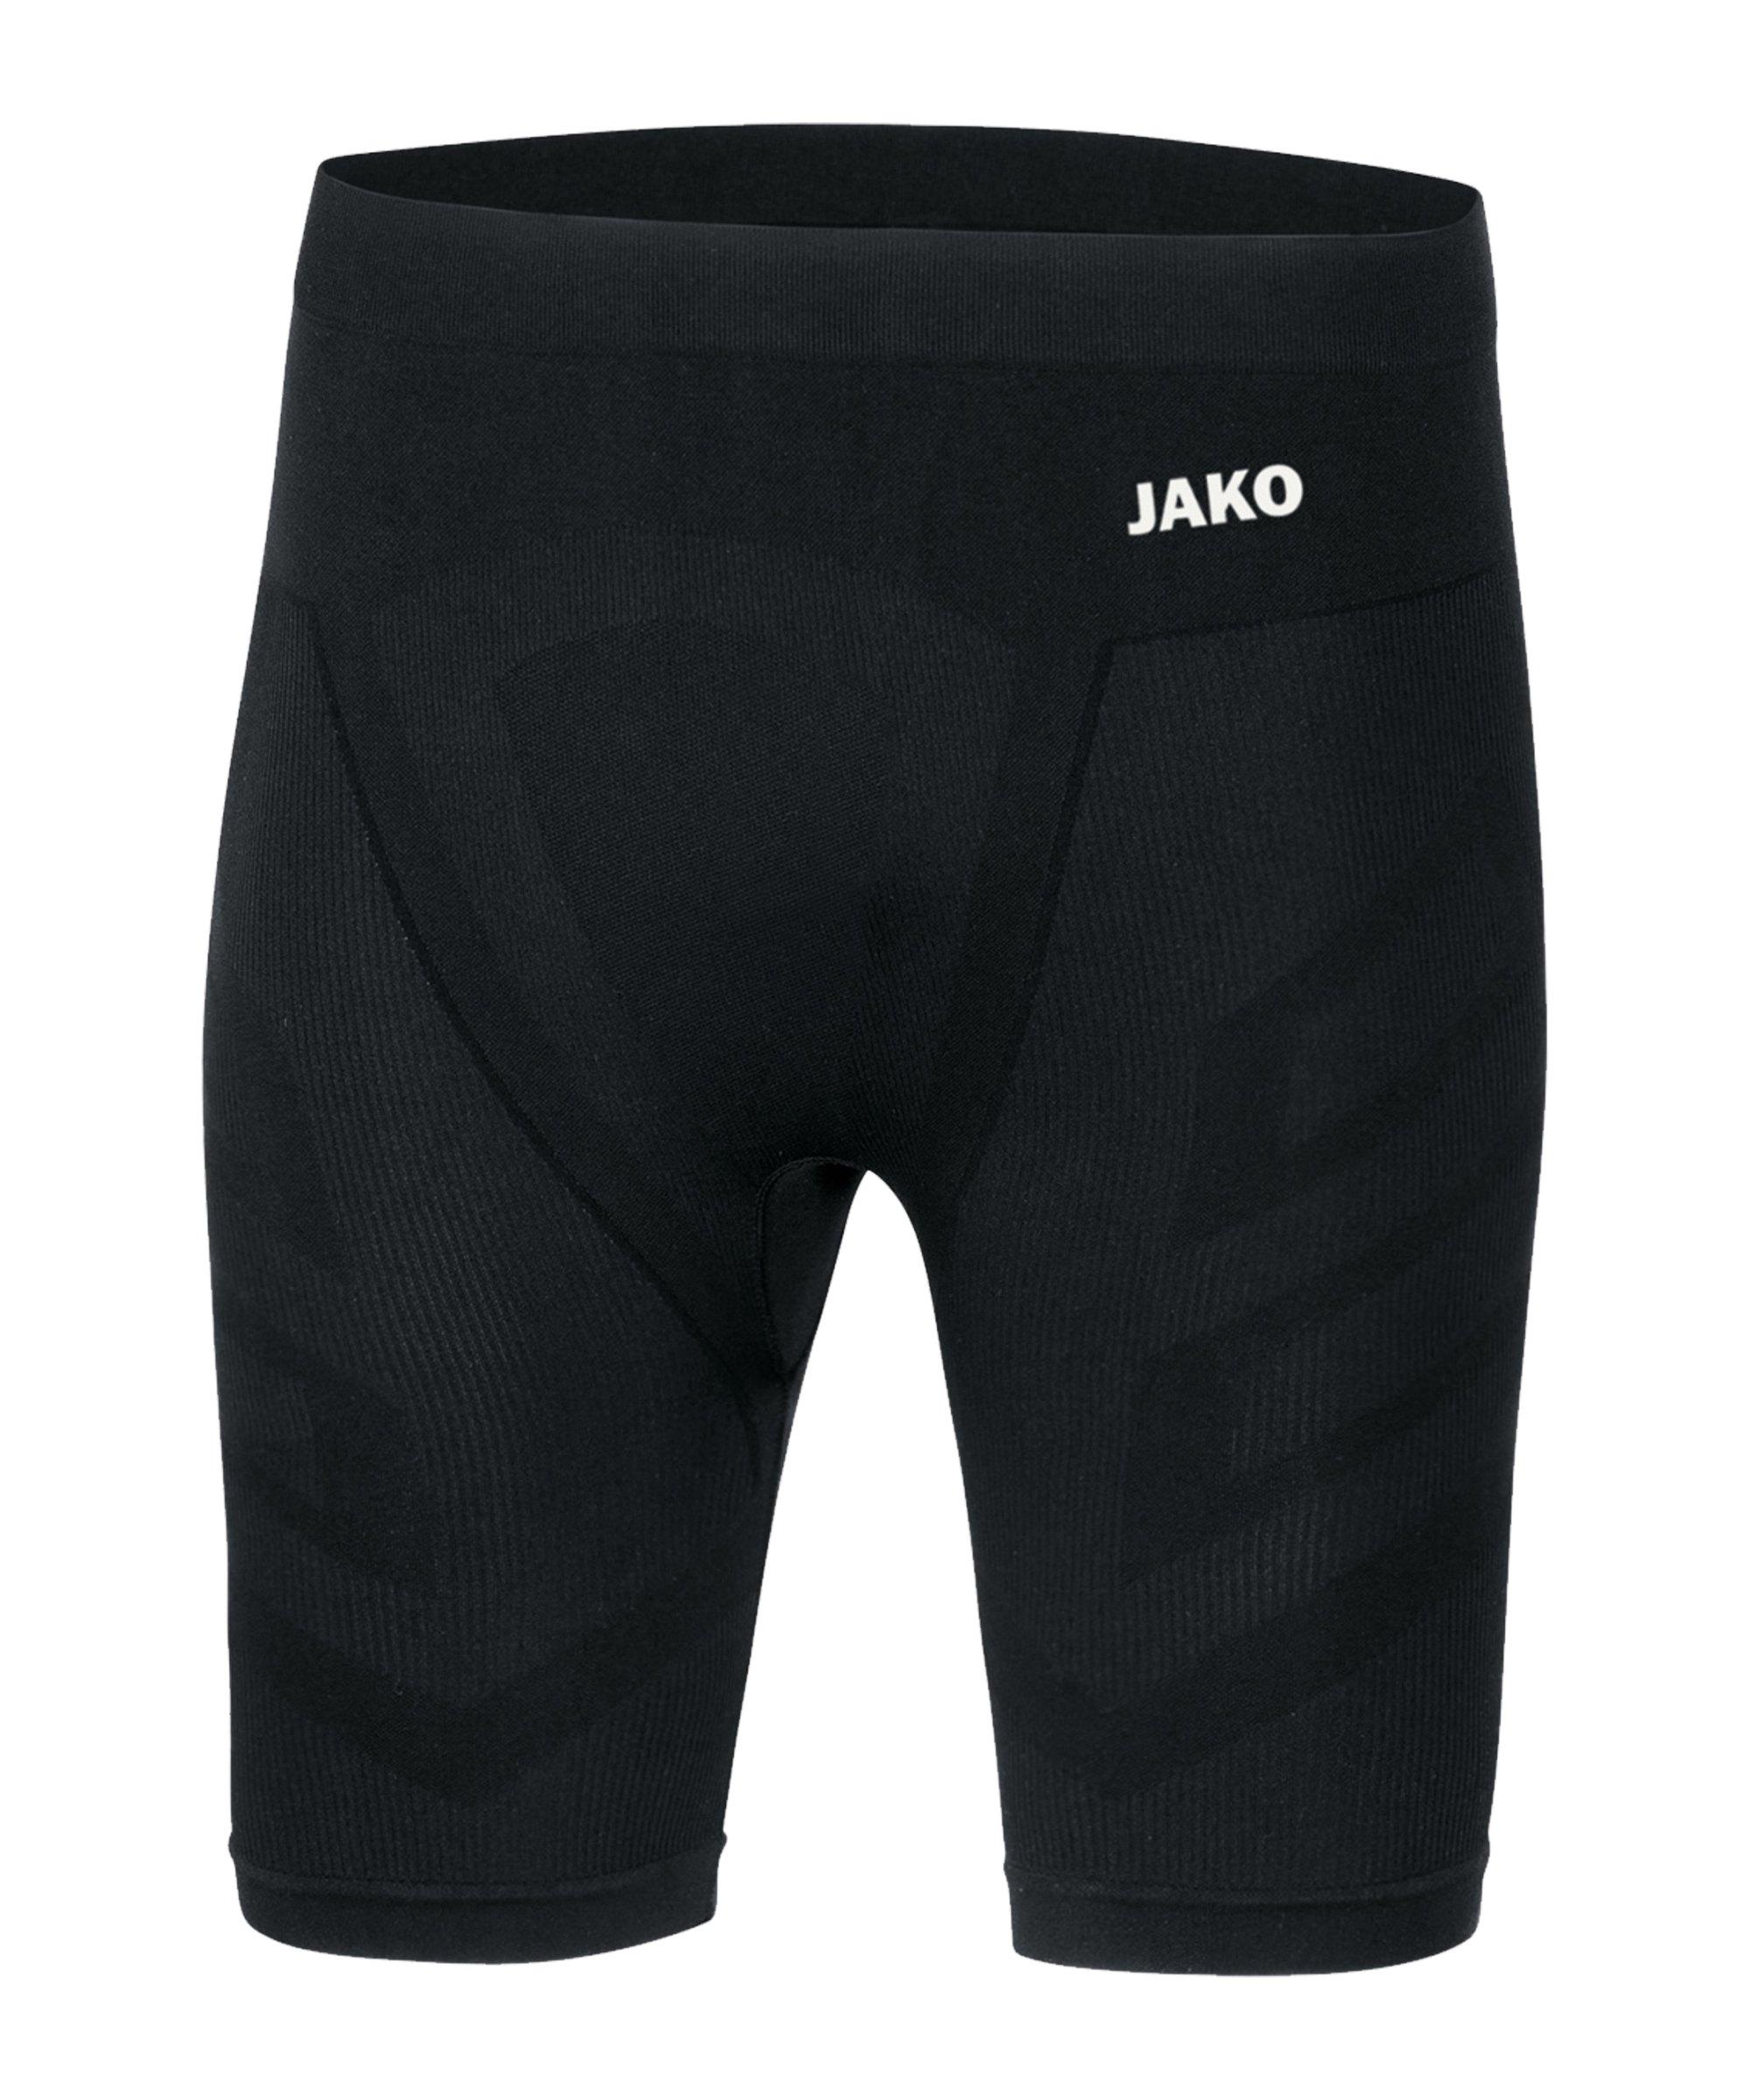 JAKO Comfort 2.0 Tight kurz Schwarz F08 - schwarz